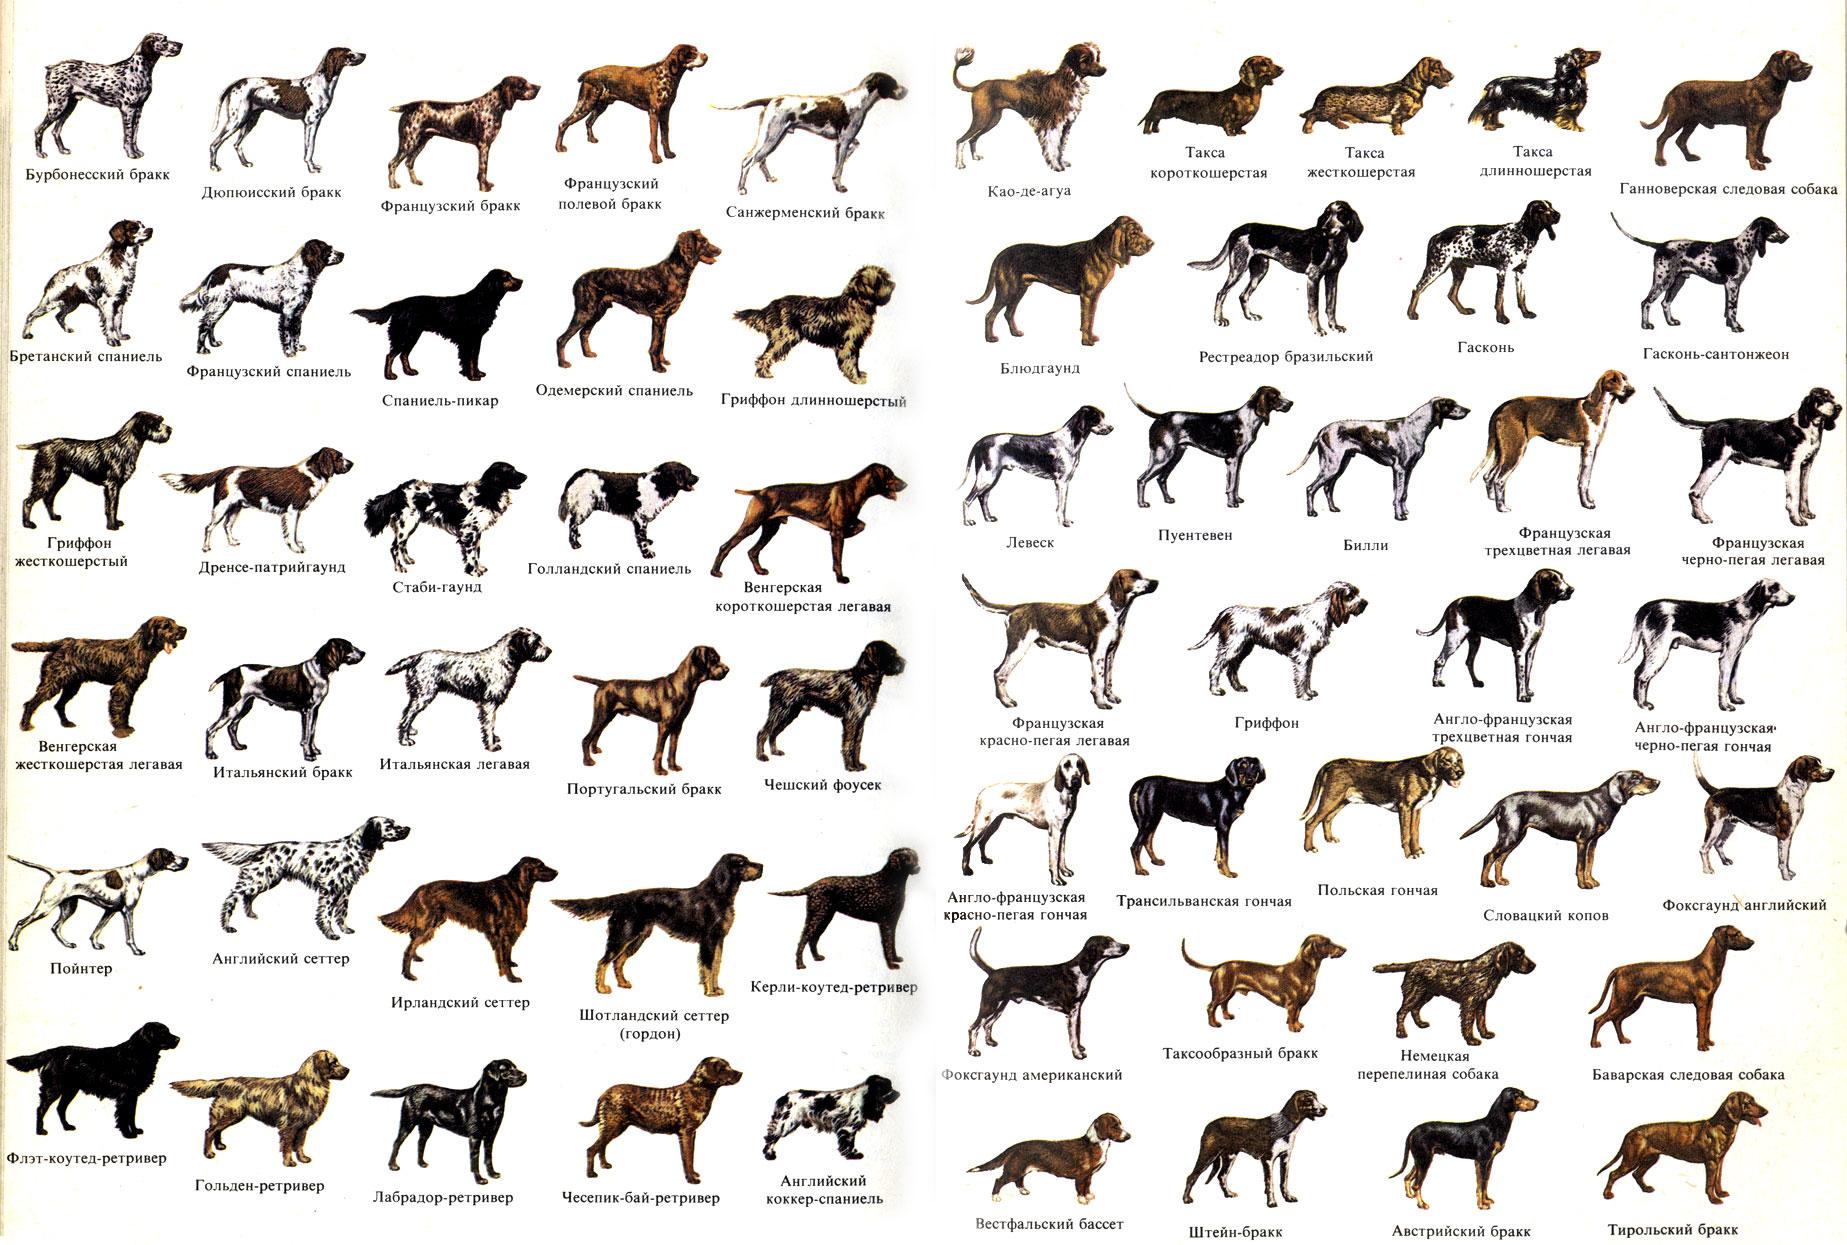 фото с пород собак